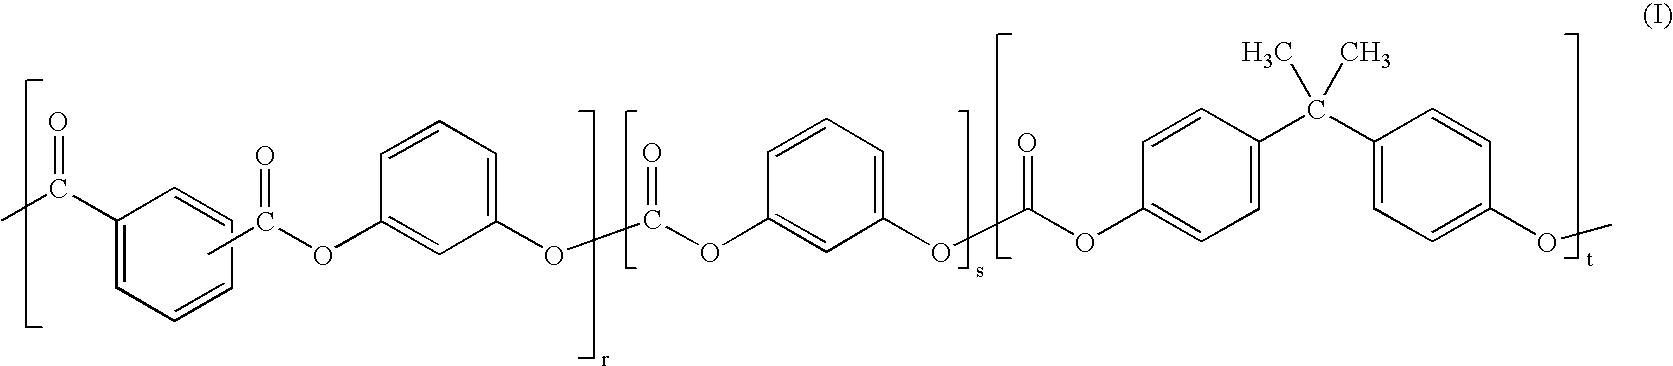 Figure US07323536-20080129-C00029